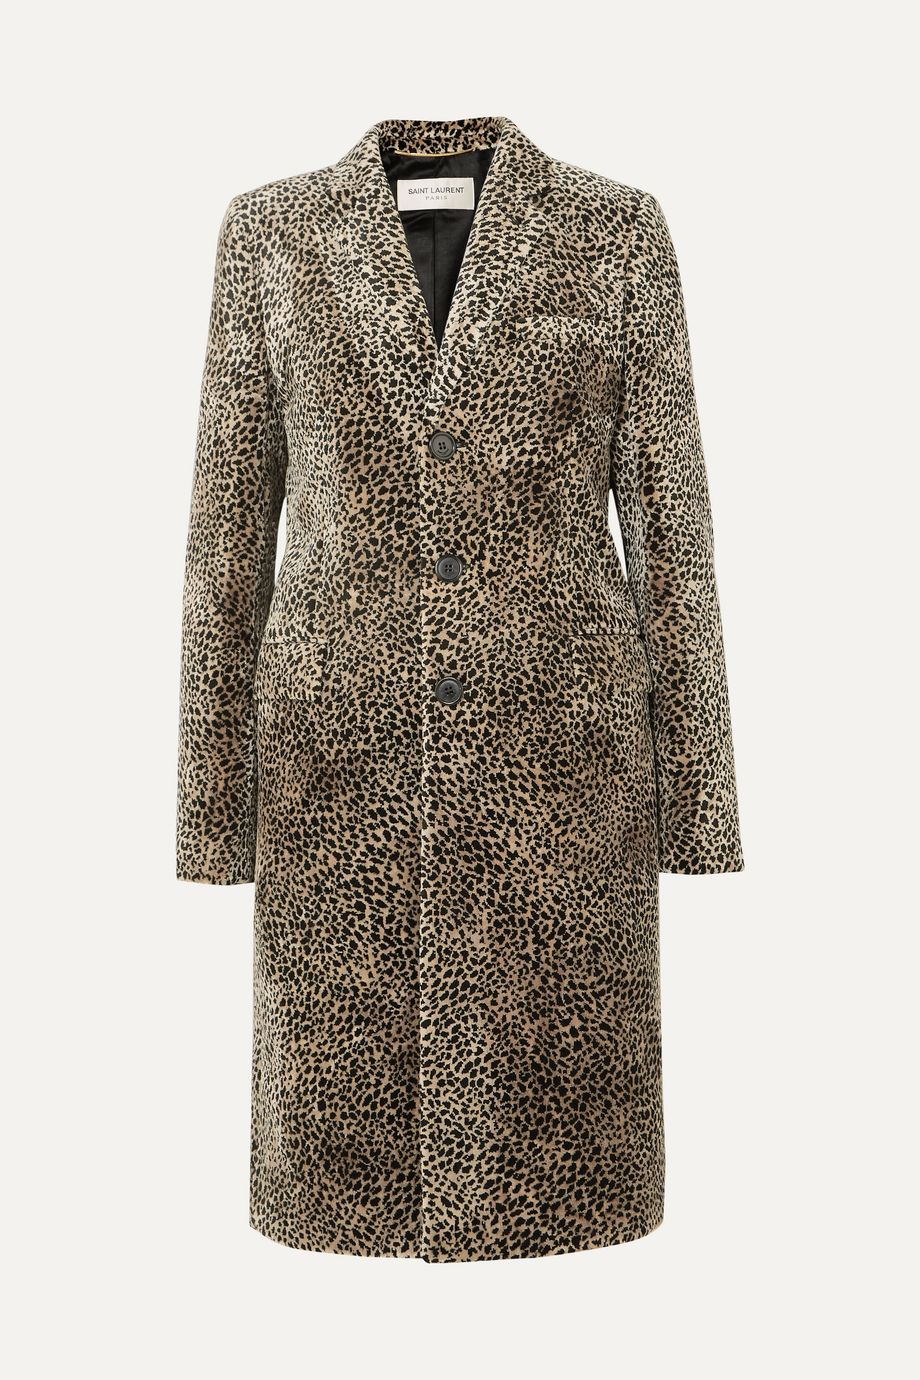 SAINT LAURENT Leopard-print jacquard coat